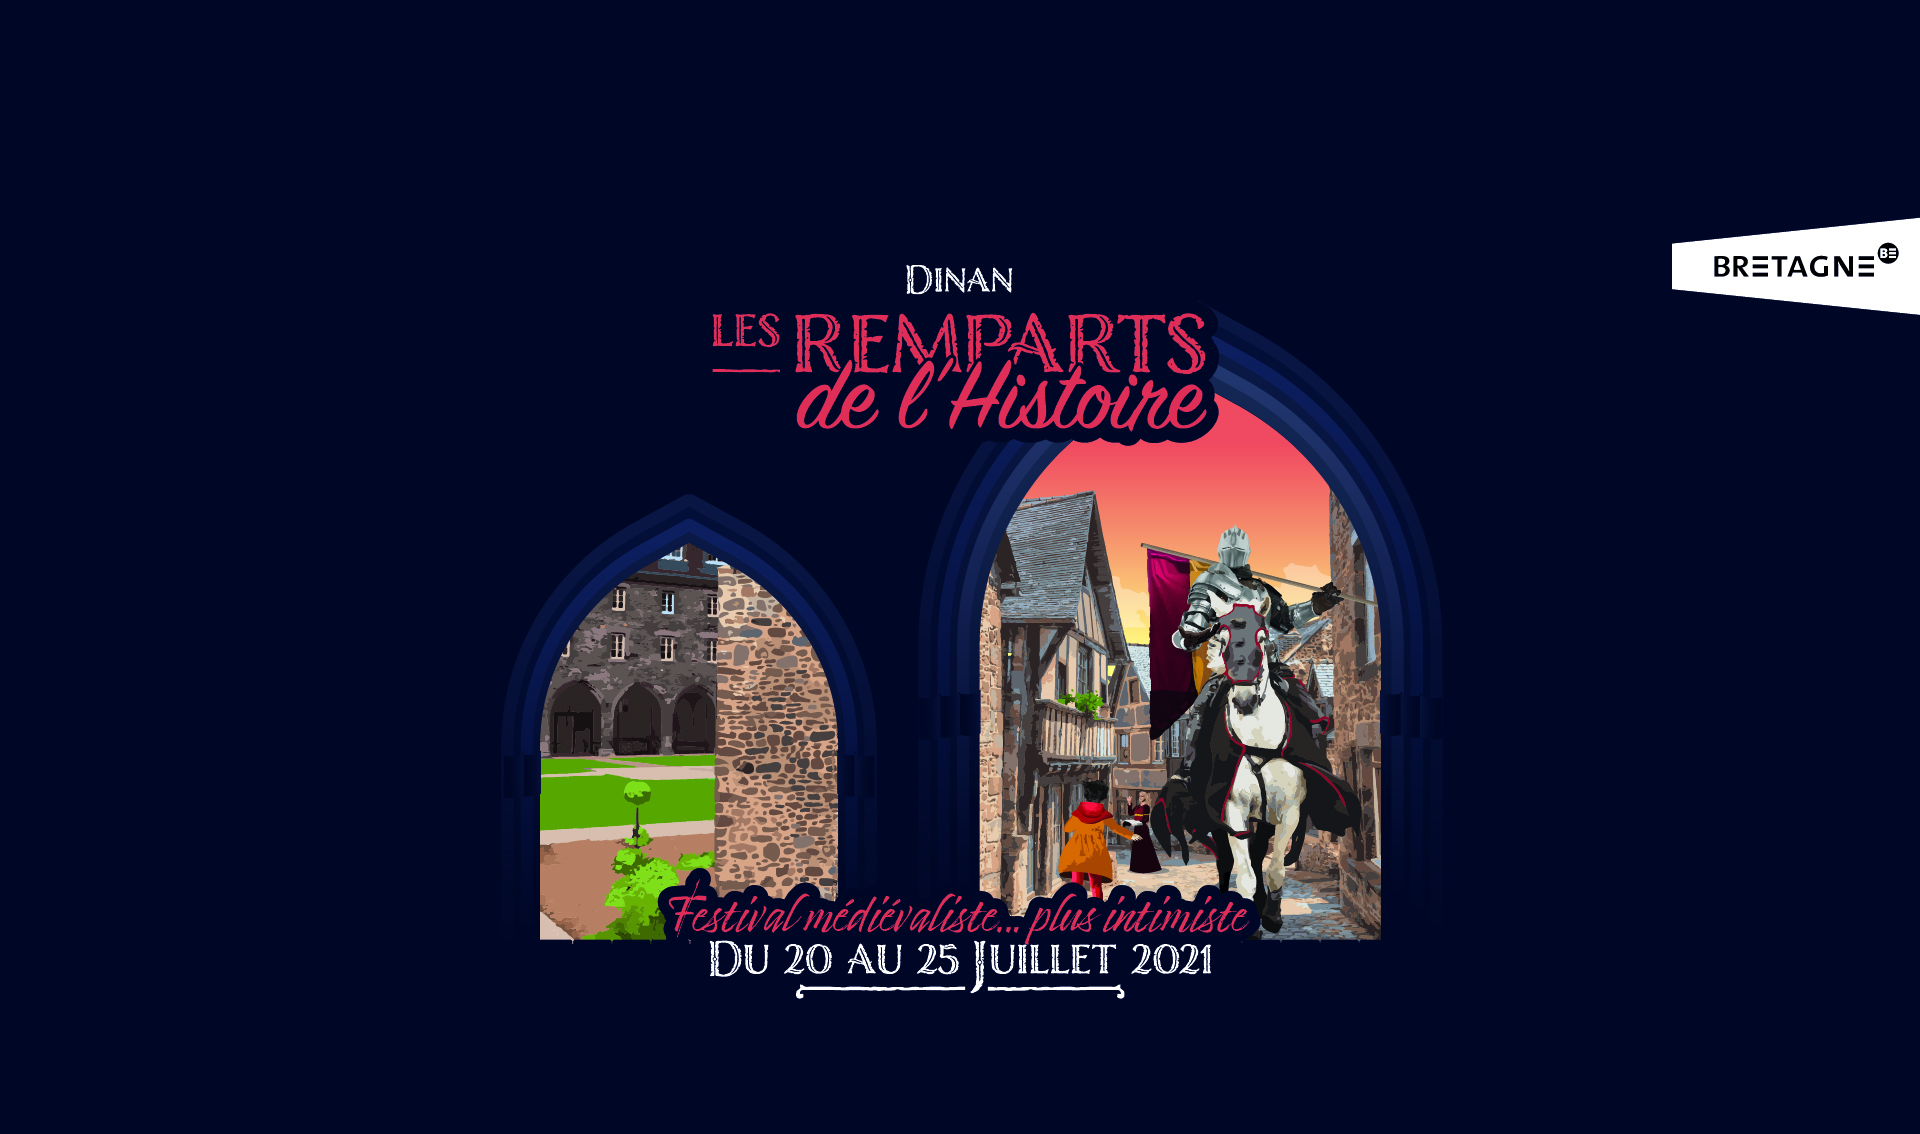 Fête-des-Remparts-Dinan-Bretagne-Festival-Médiéval-Européen